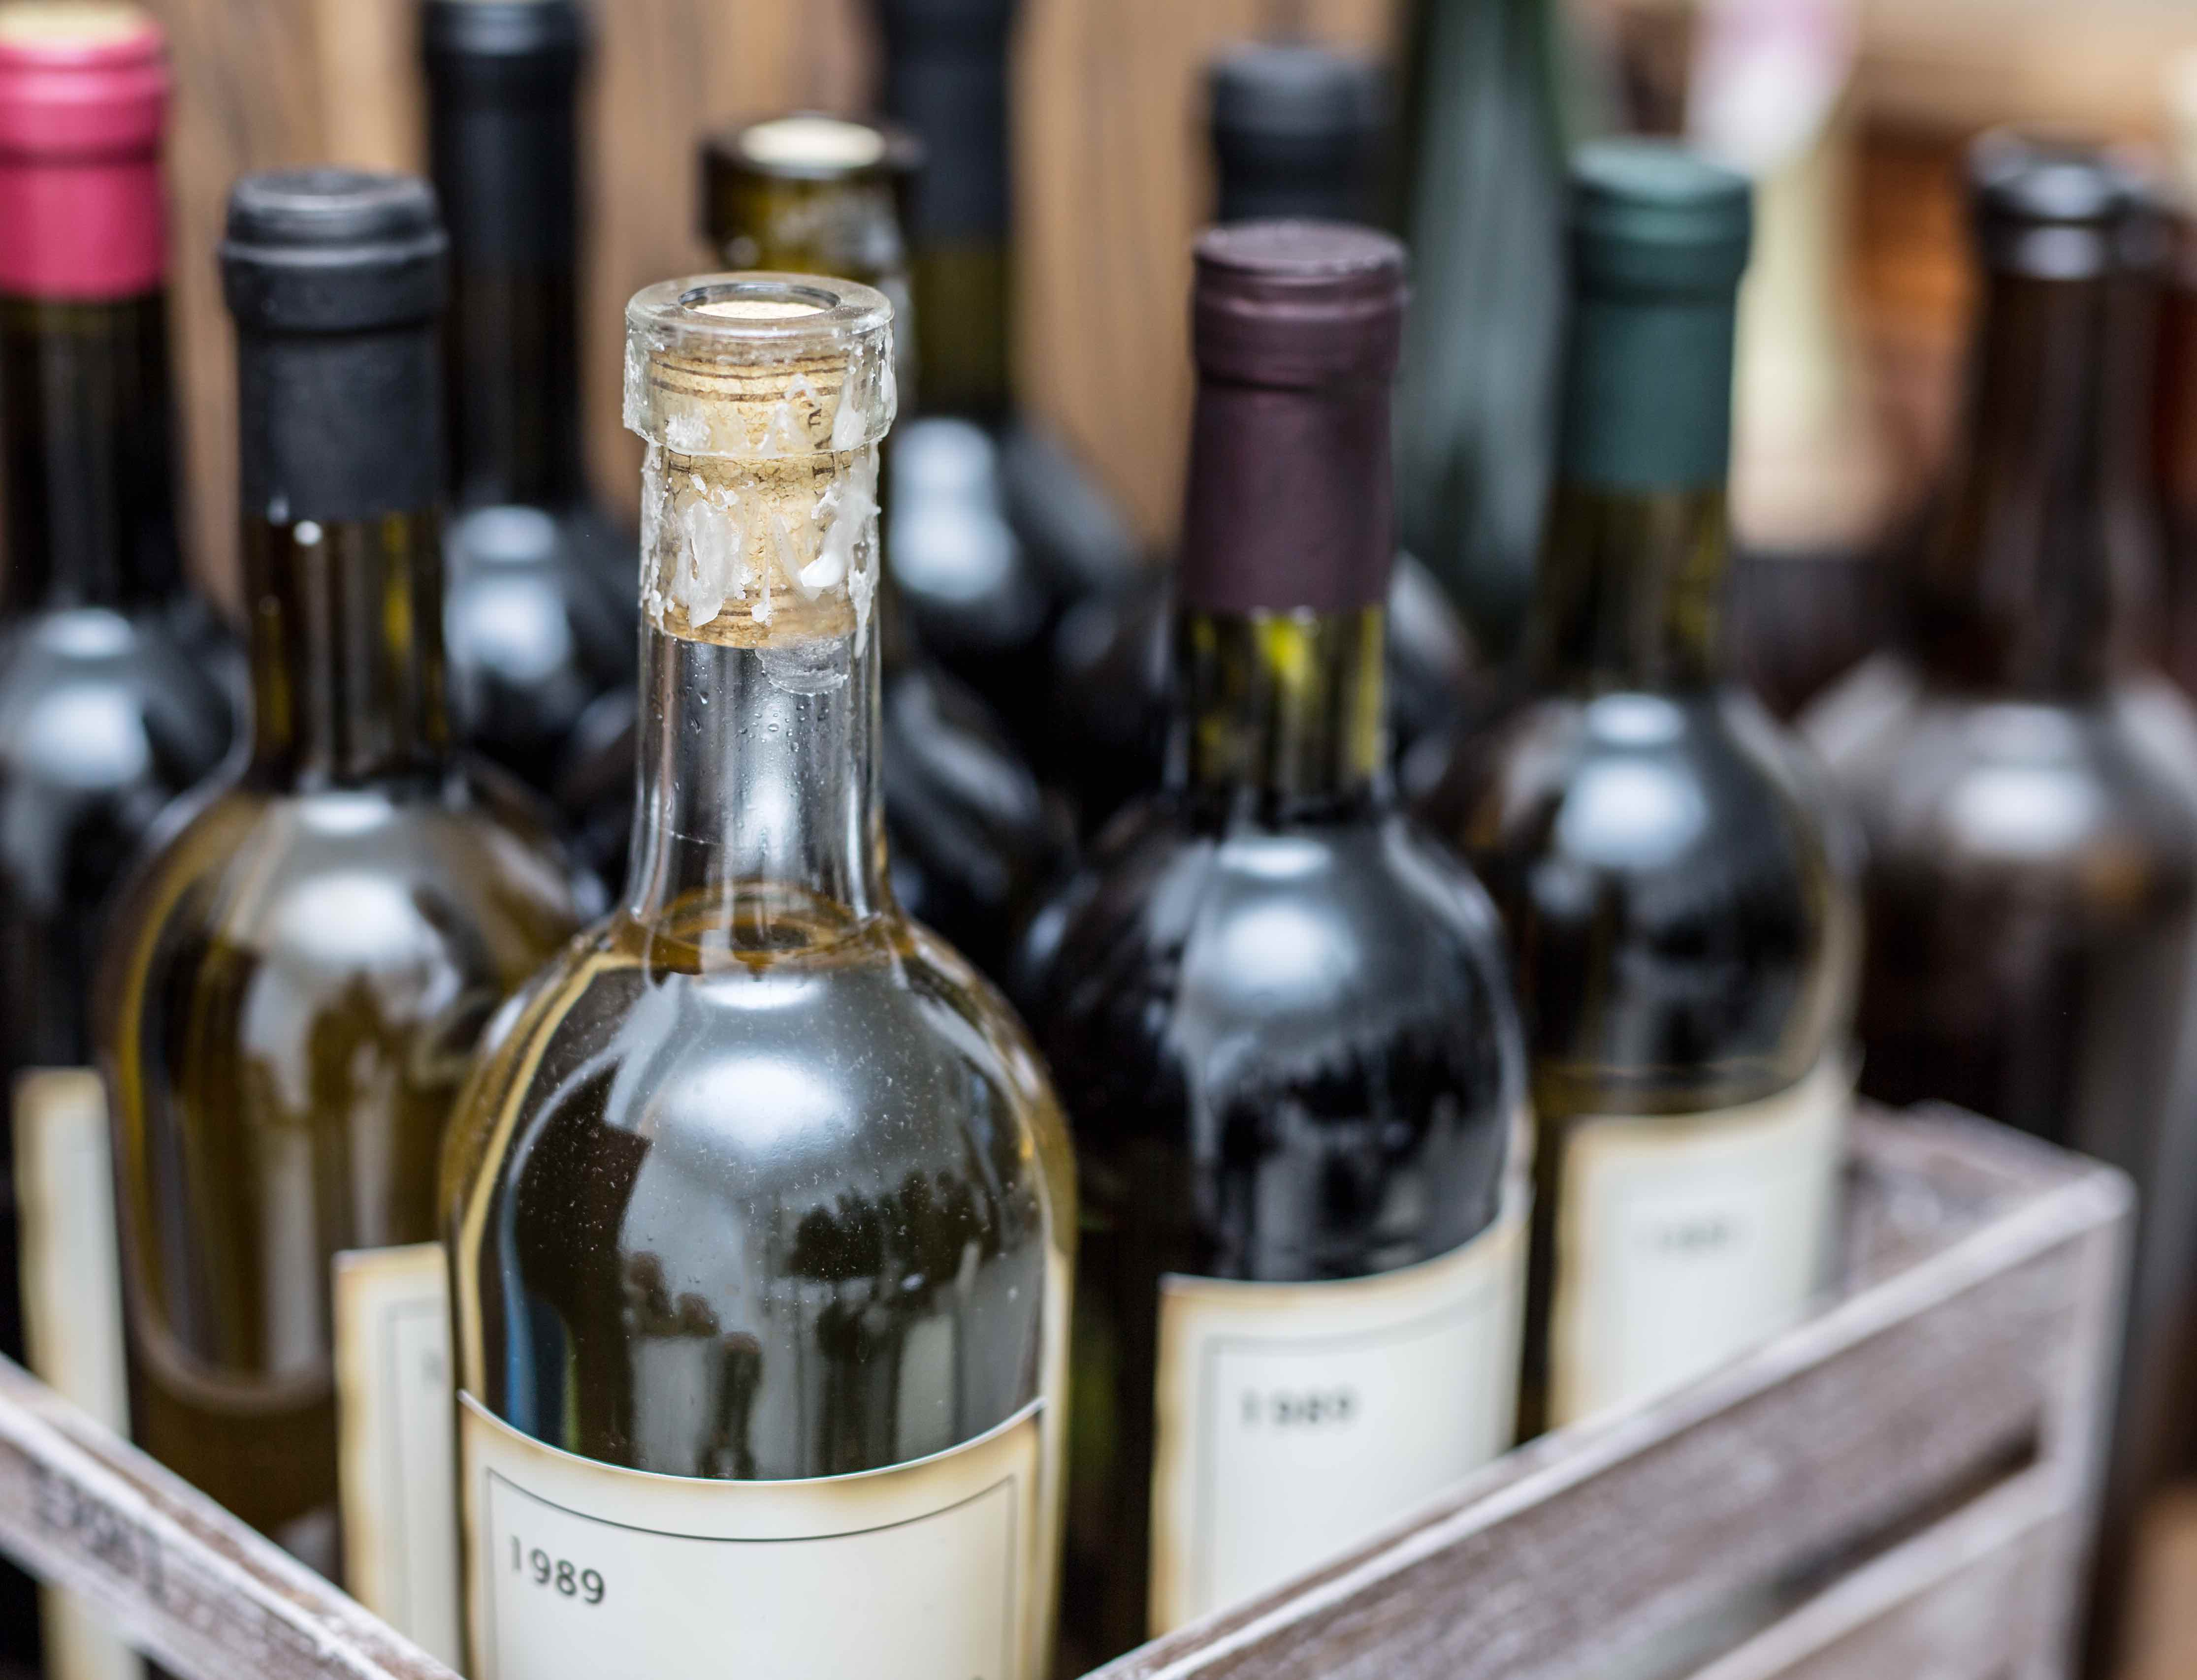 Weinflaschen in einer Holzkiste